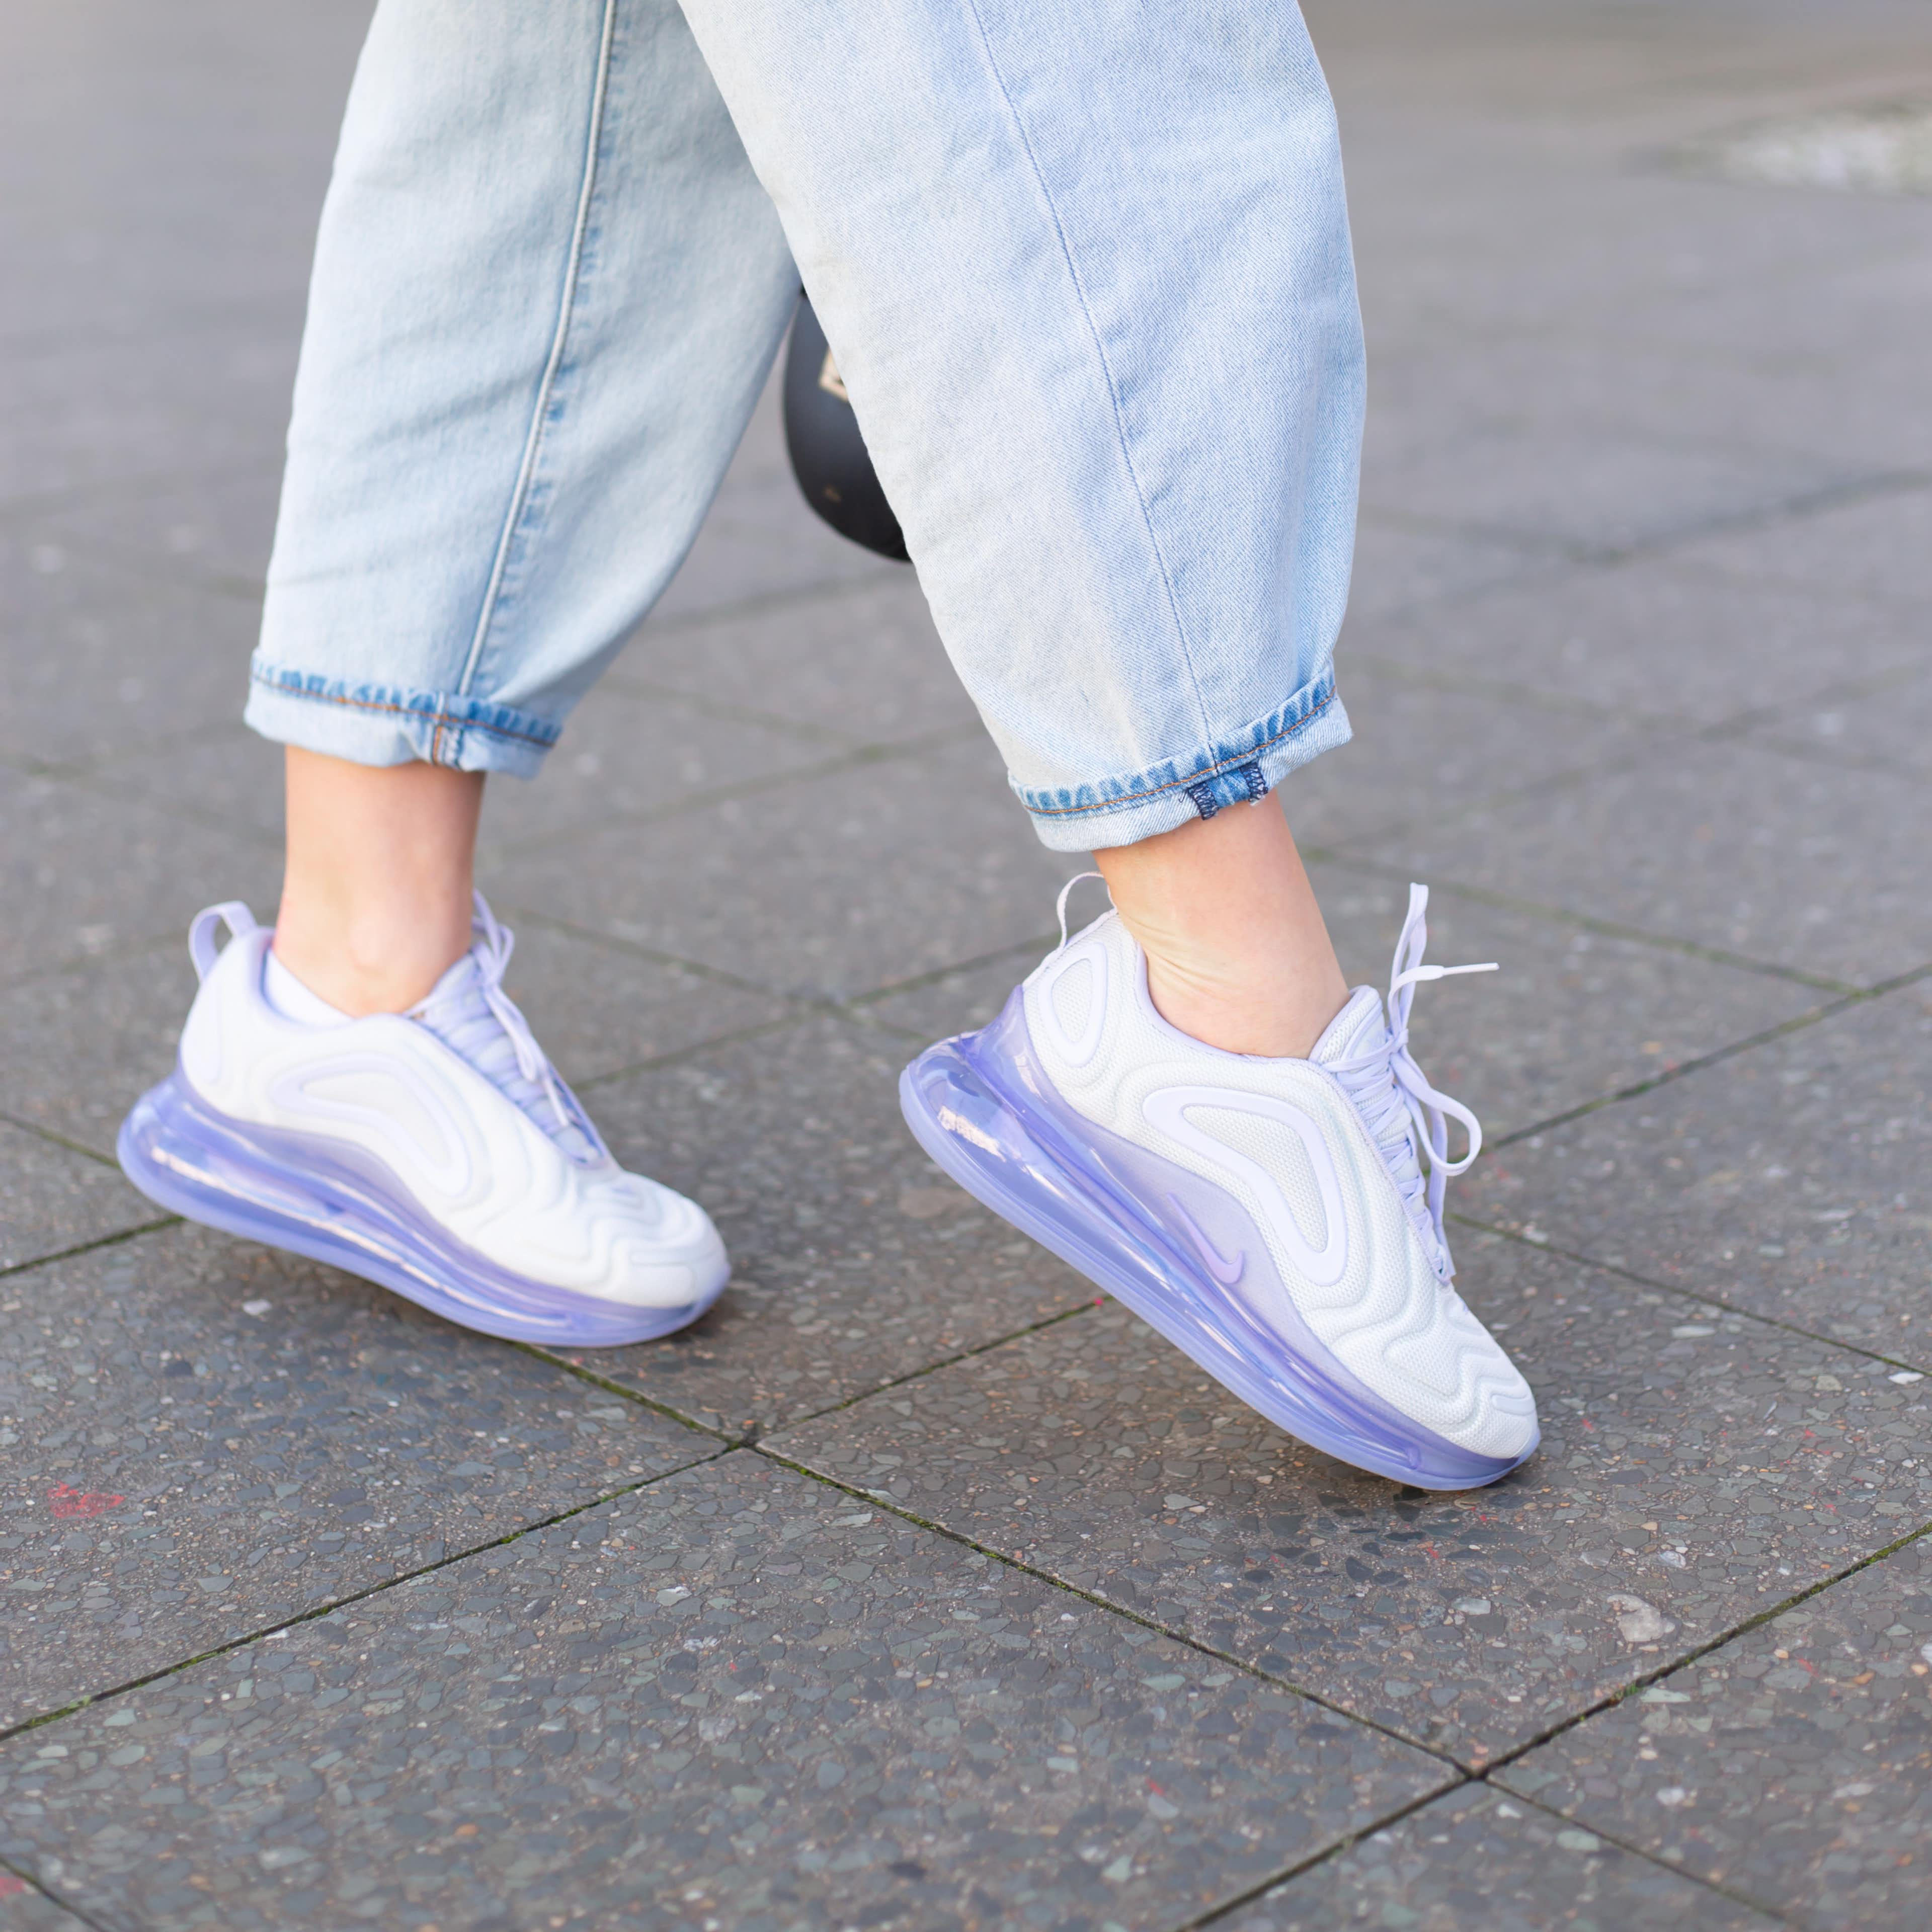 Nike Sneaker mit durchsichtiger Sohle